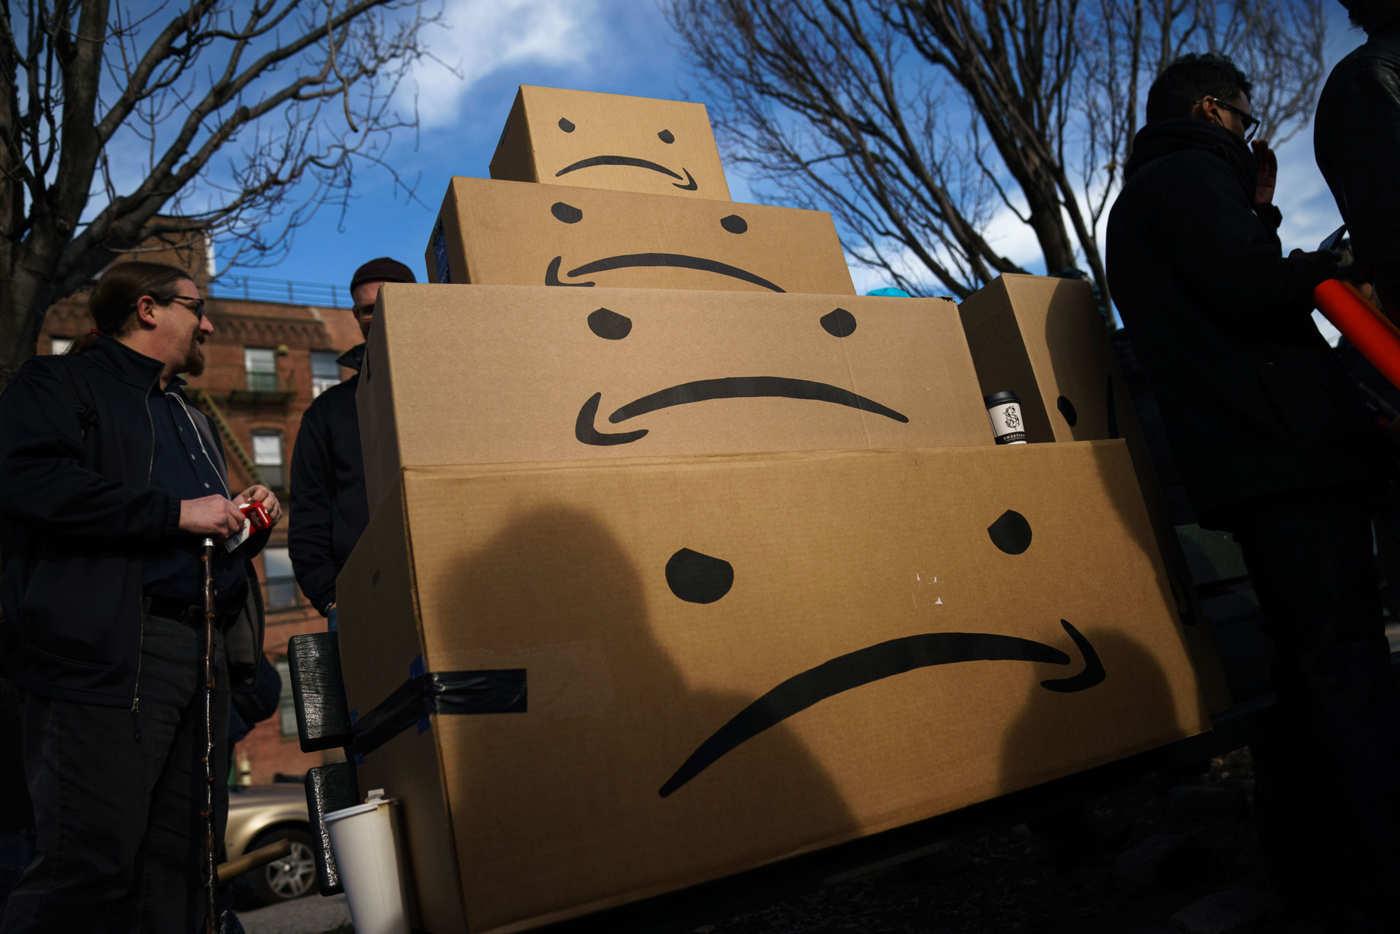 Hiba Ali Makes Art About Amazon's Worker Exploitation